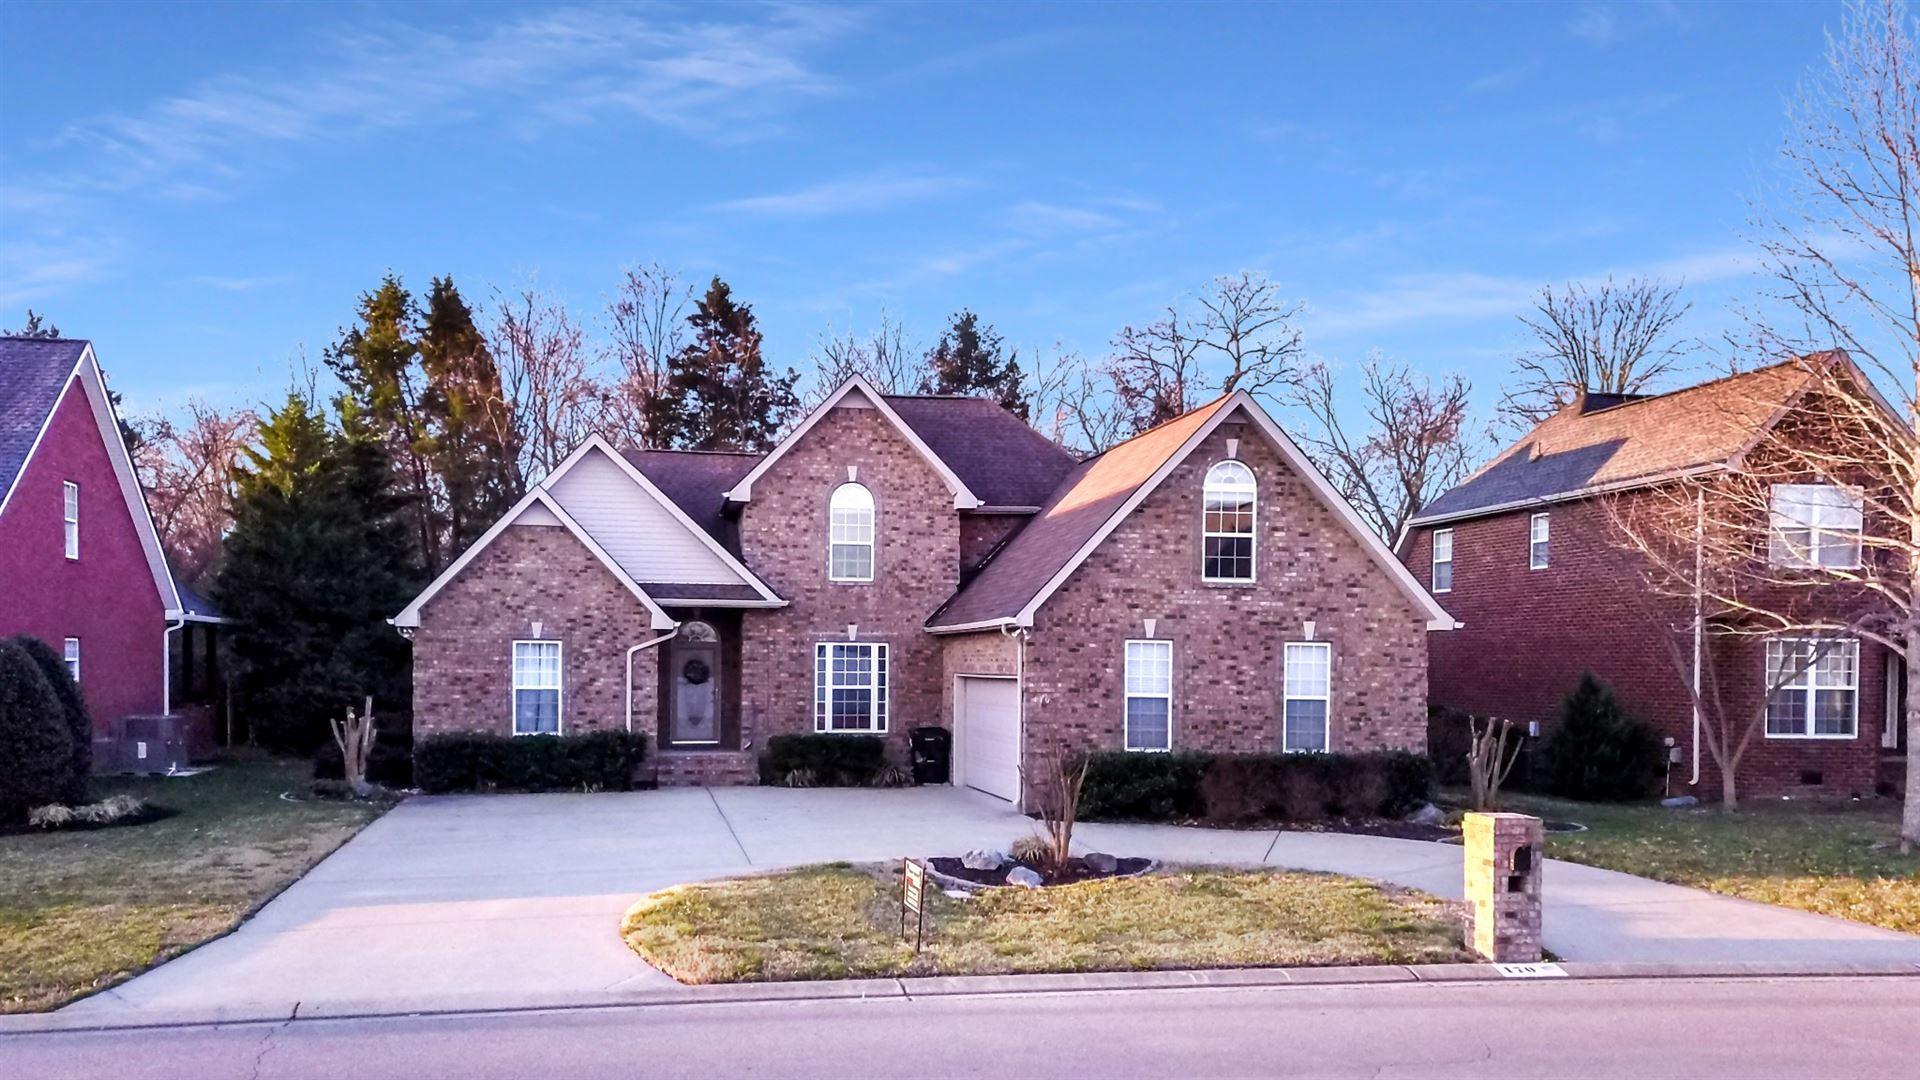 170 Red Jacket Trce, Murfreesboro, TN 37127 - MLS#: 2230914